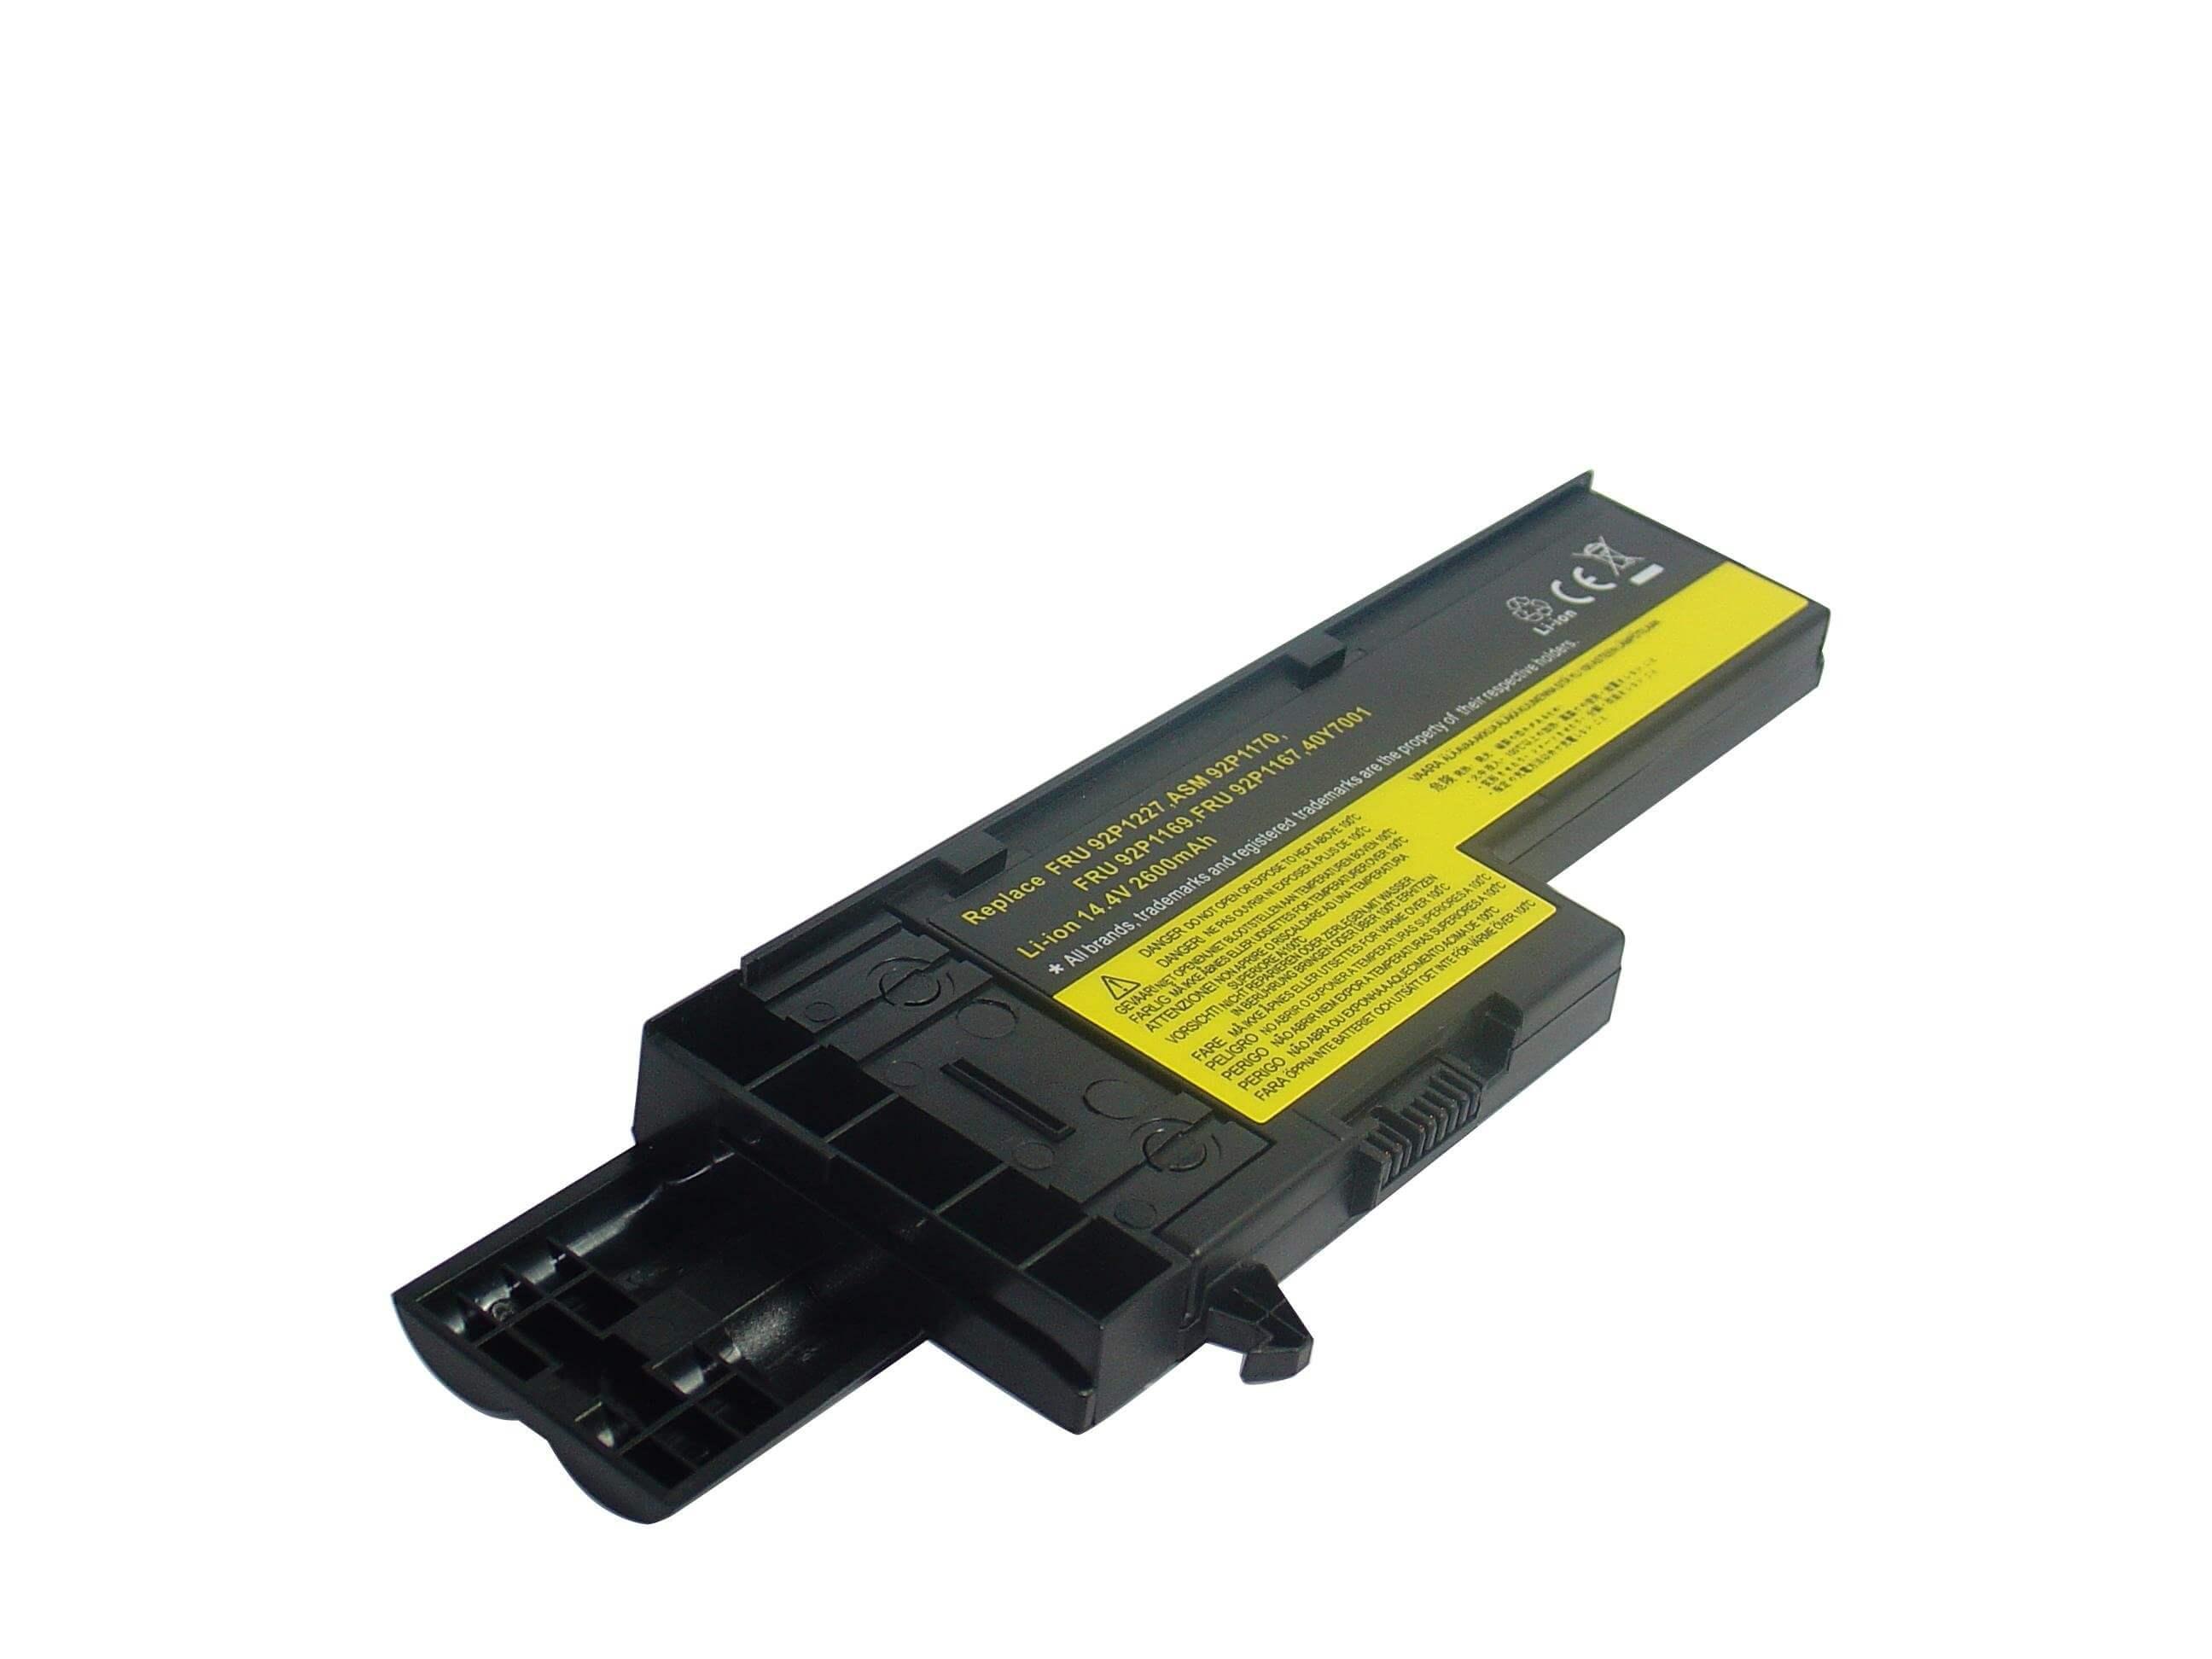 IBM ThinkPad X60/X61 batteri ASM 92P1168